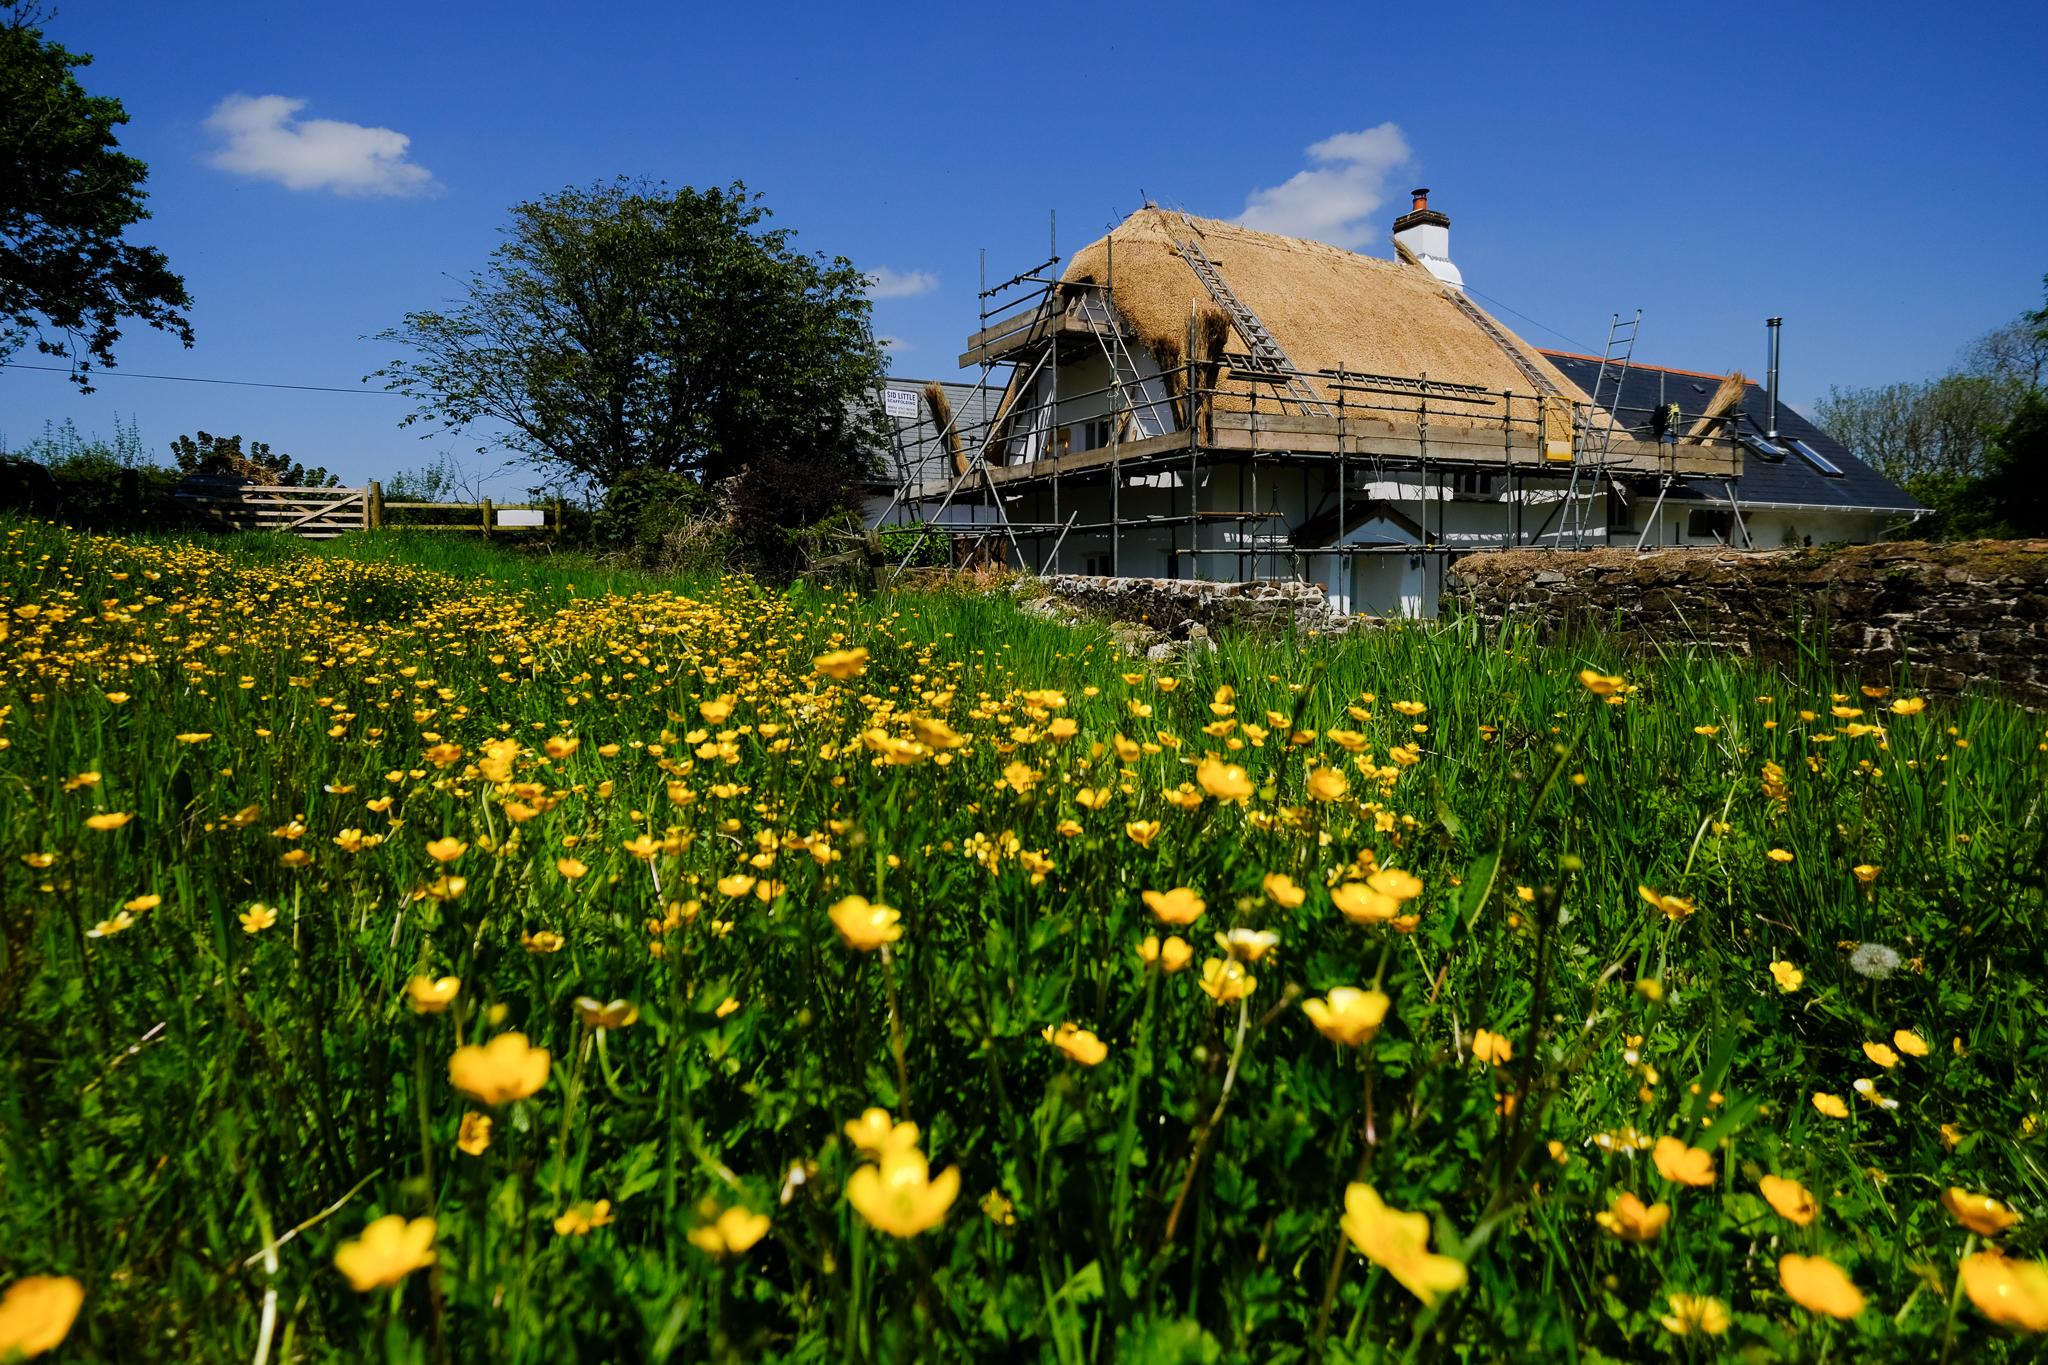 Water Reed Thatch, Torrington, Devon